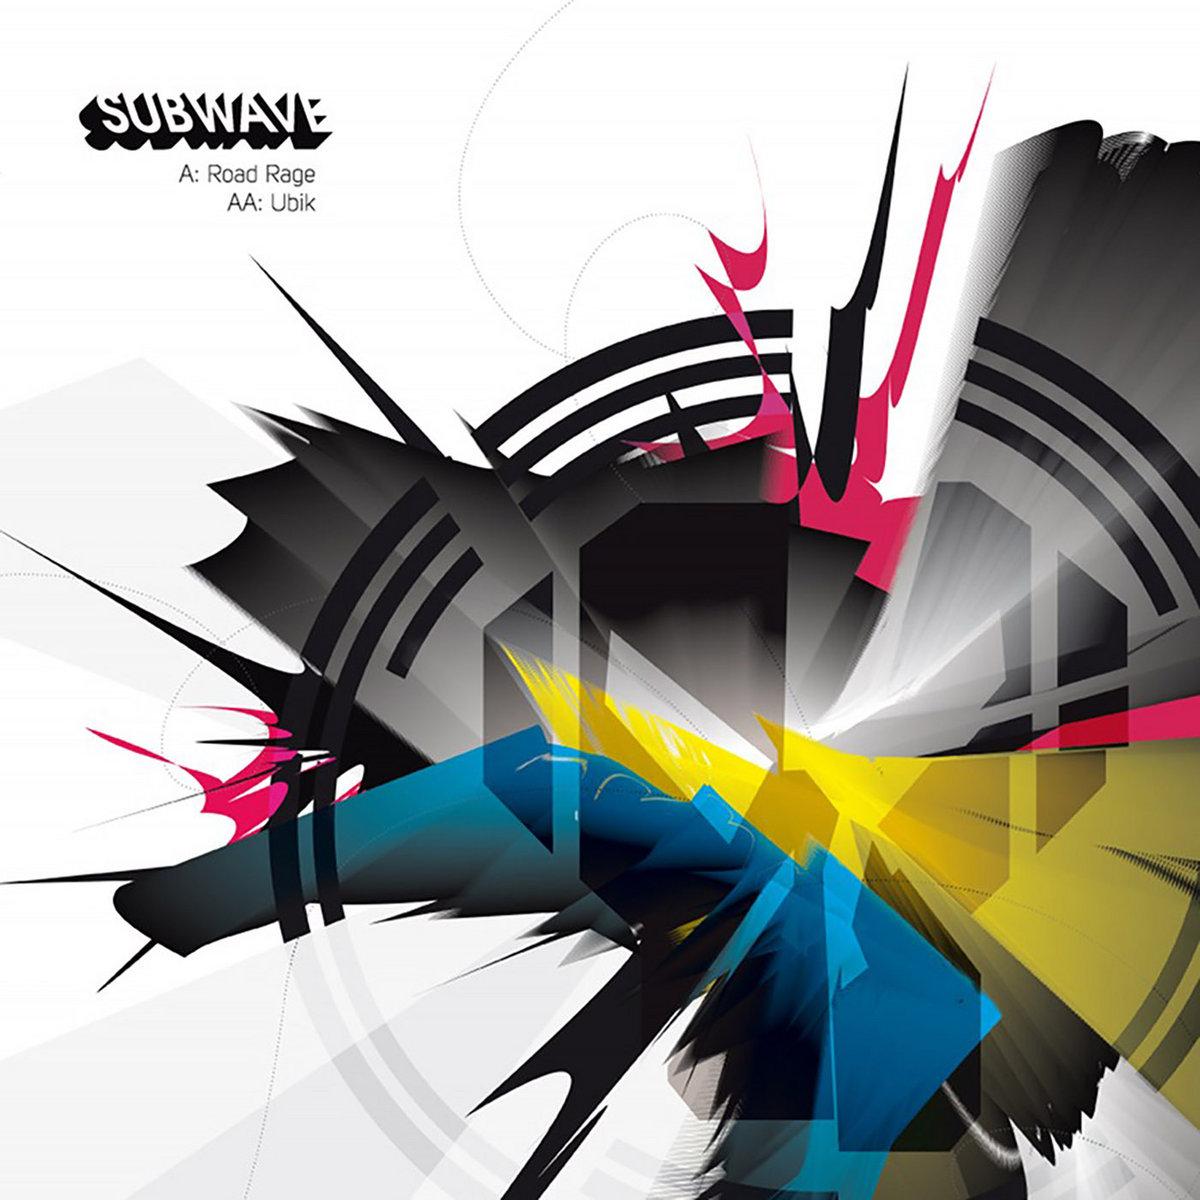 METH087 - Road Rage / Ubik | Metalheadz